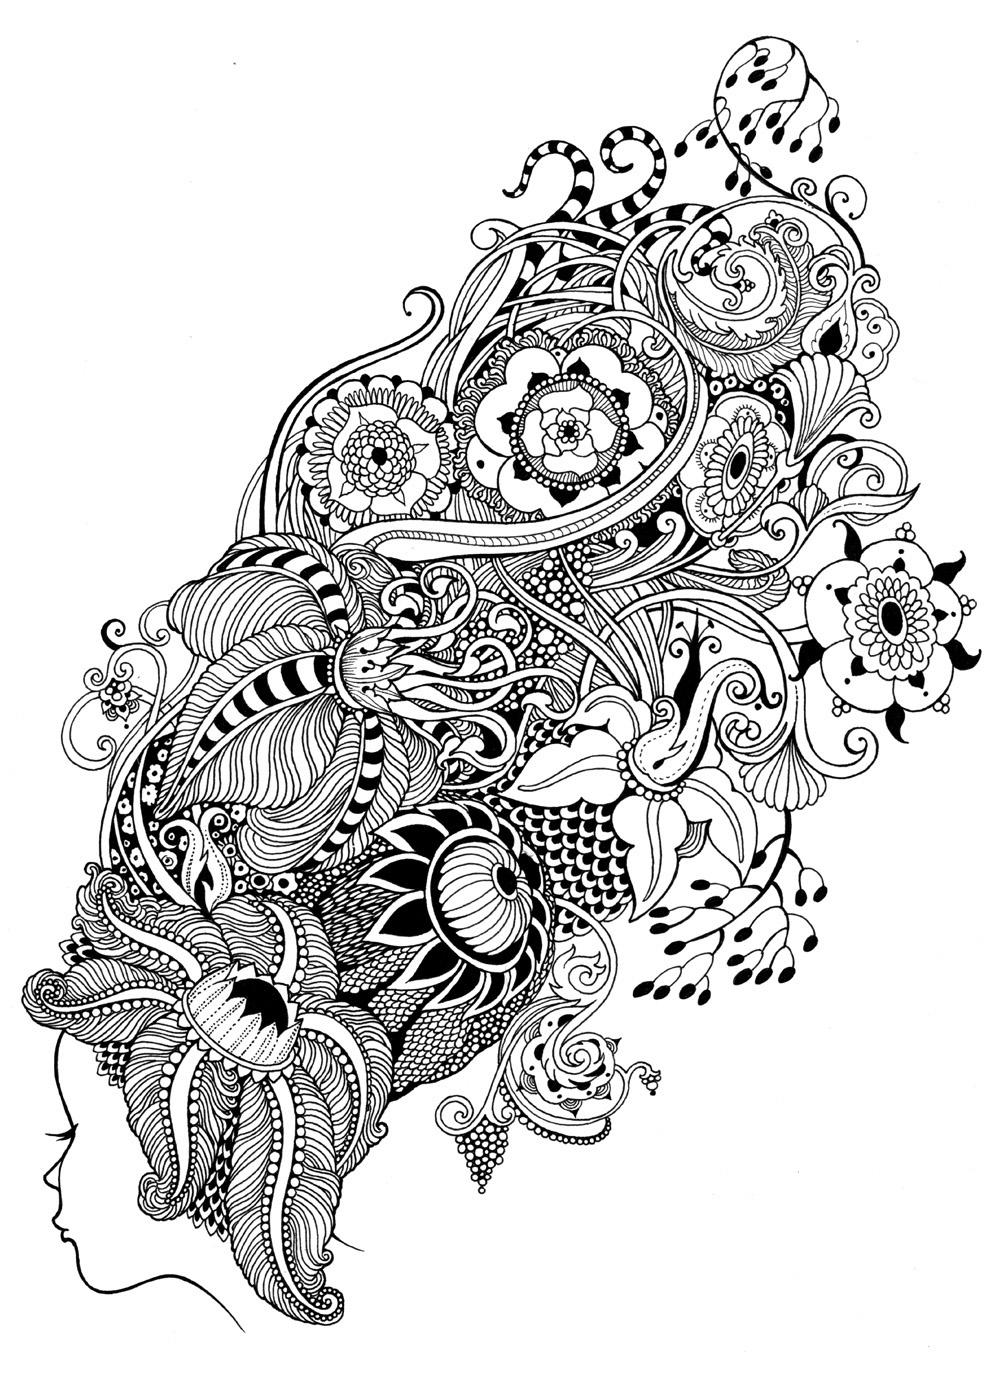 Ornament and vignettes. Part 2